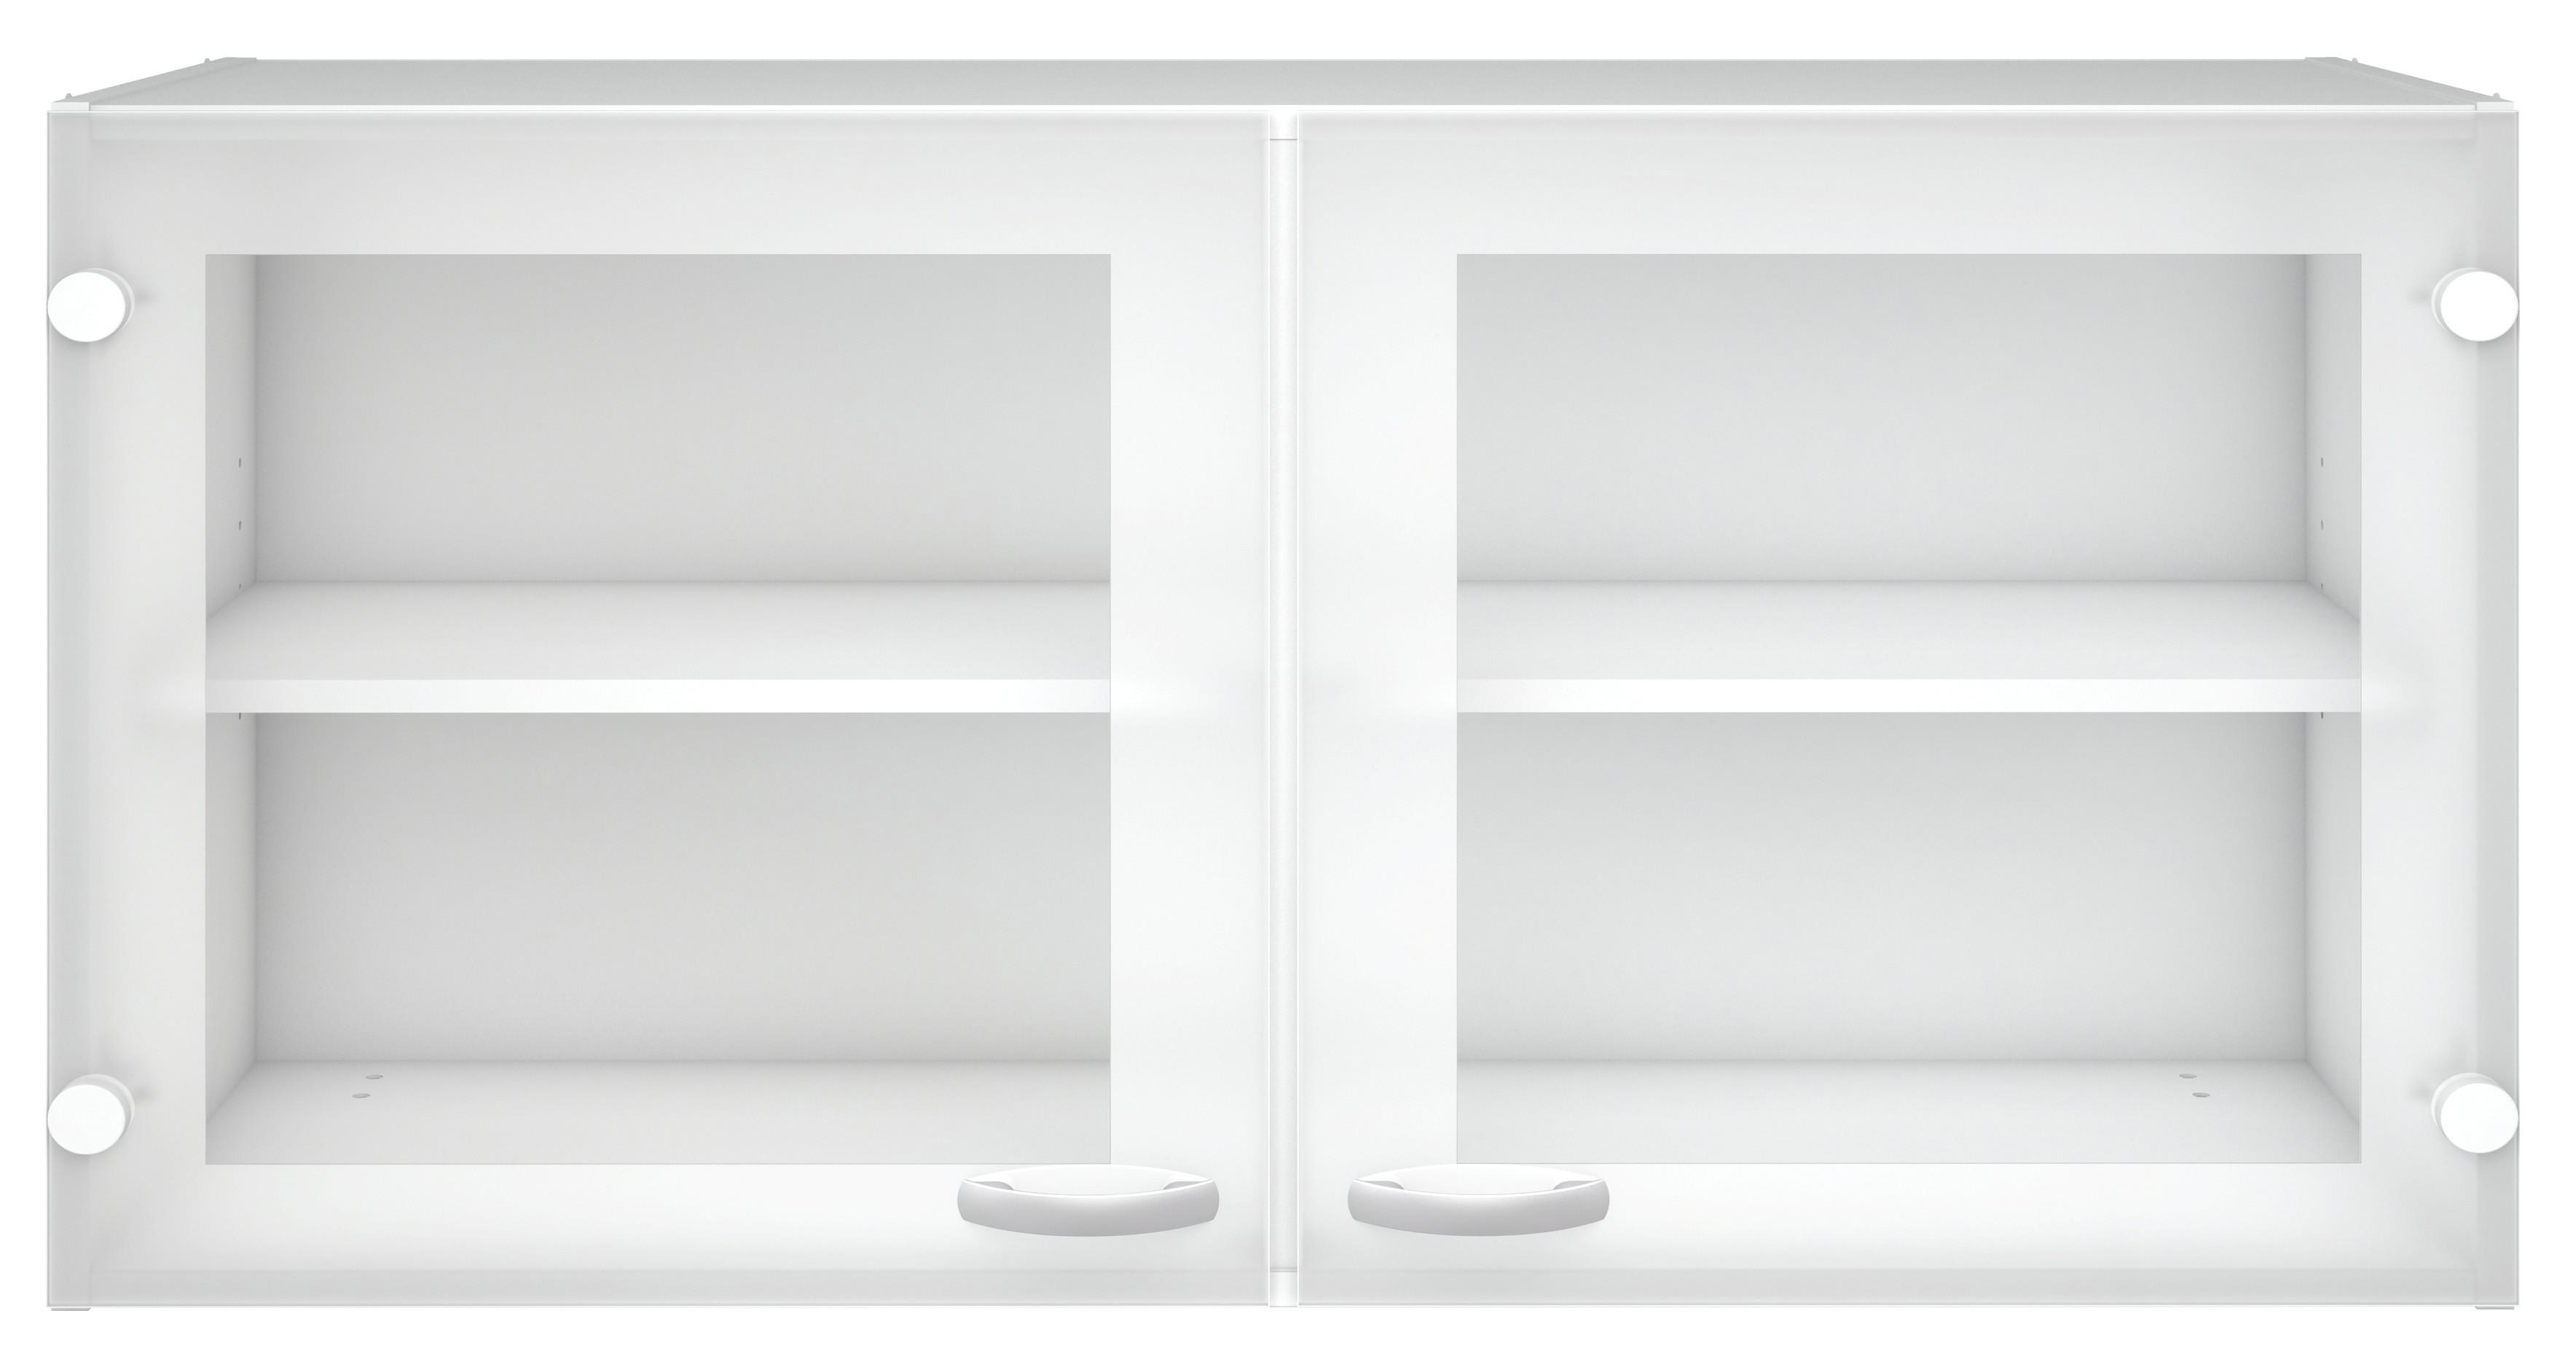 Ante Vetro Cucina pensile cucina 2 ante vetro legno finitura bianca cm 98x34x54h tvilum